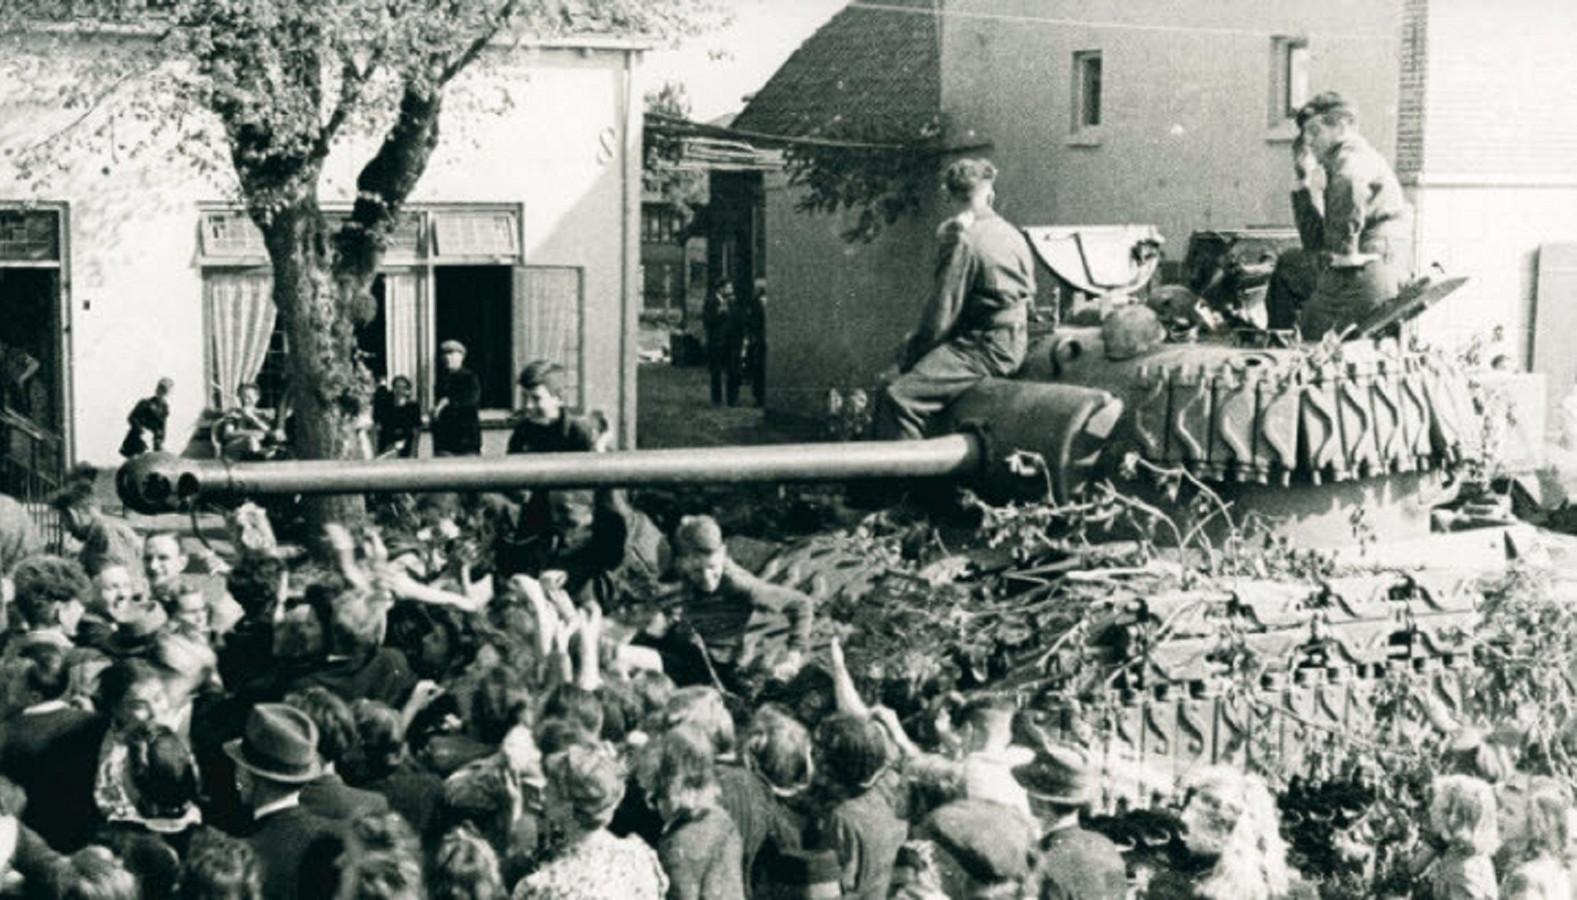 Canadese militairen rijden op 18 april 1945 met tanks over de Putterweg in Ermelo.